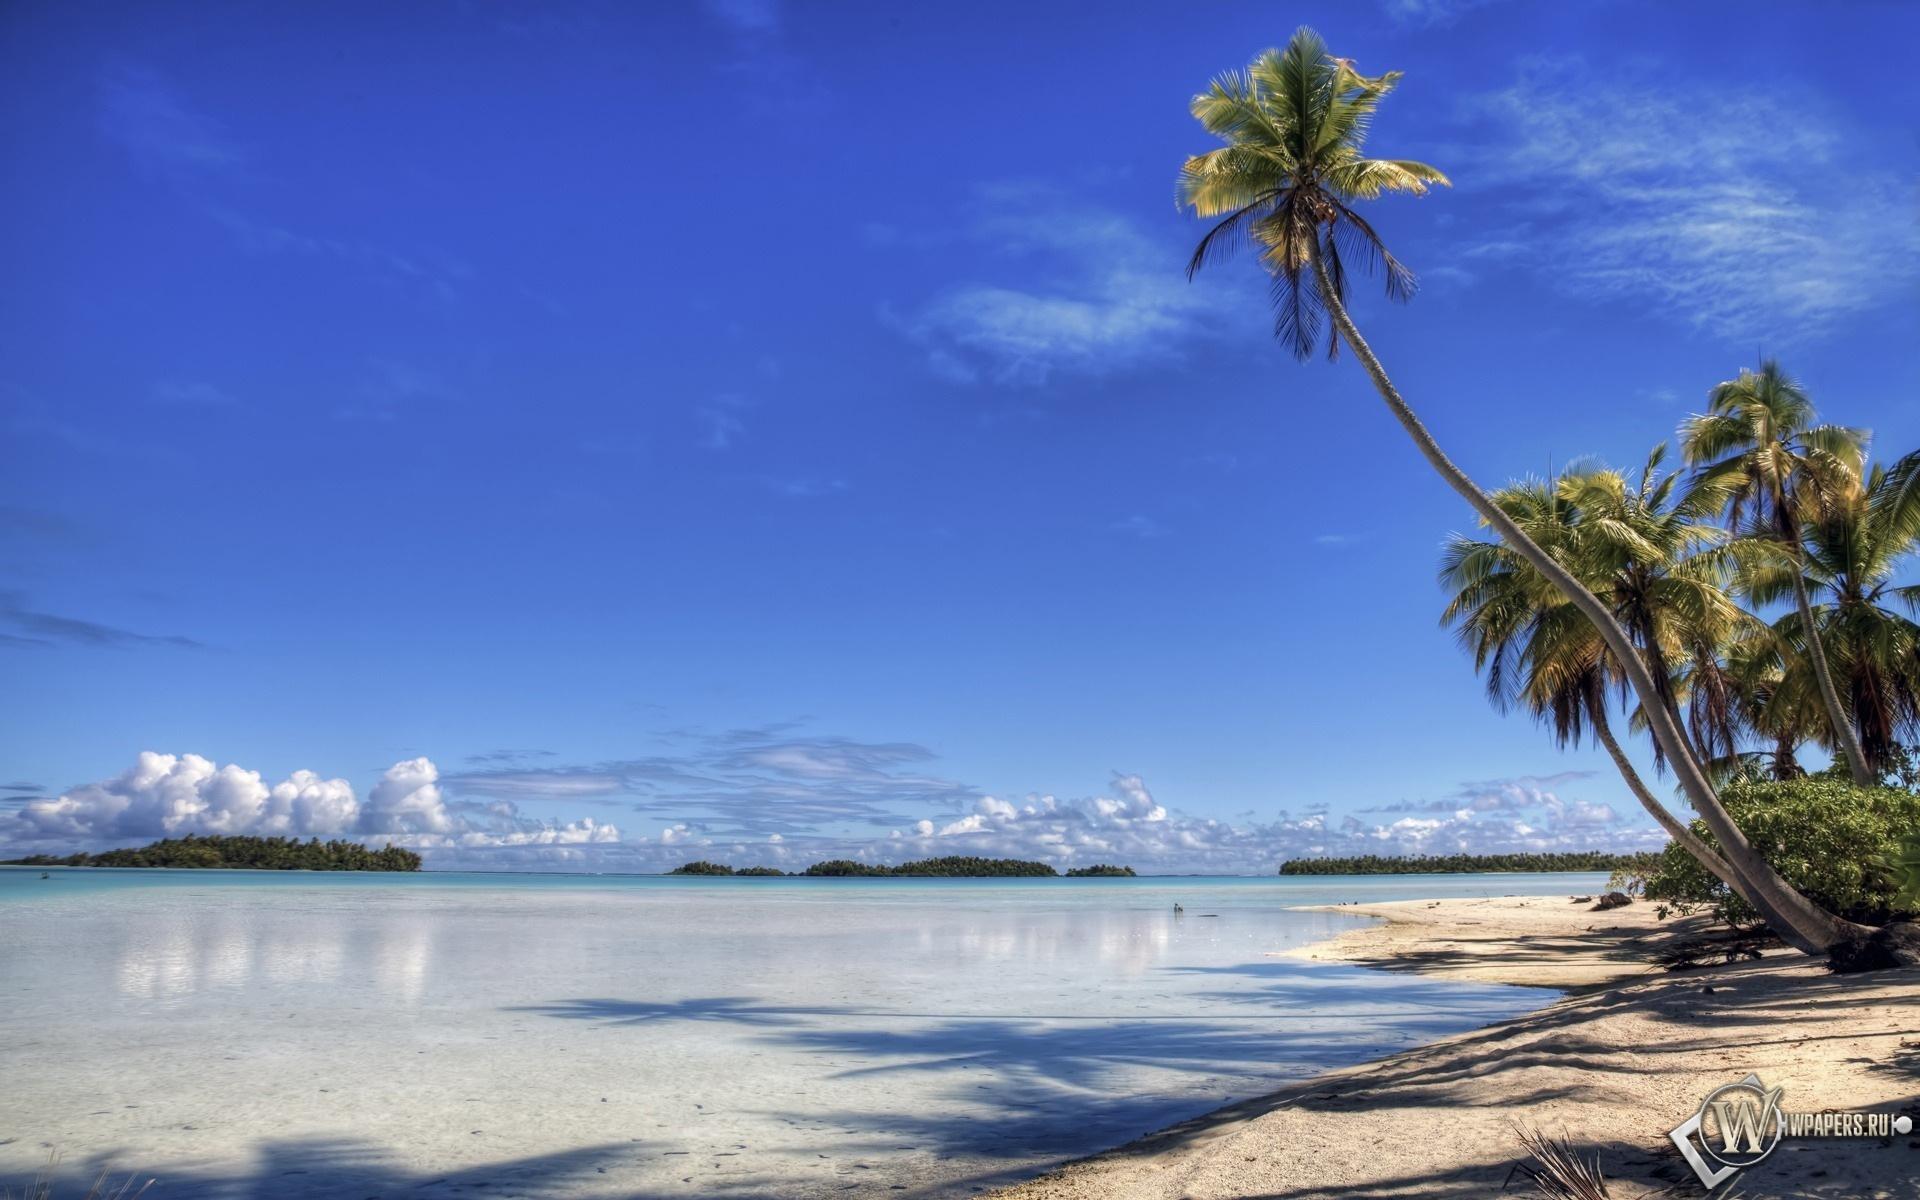 Пляж 1920x1200